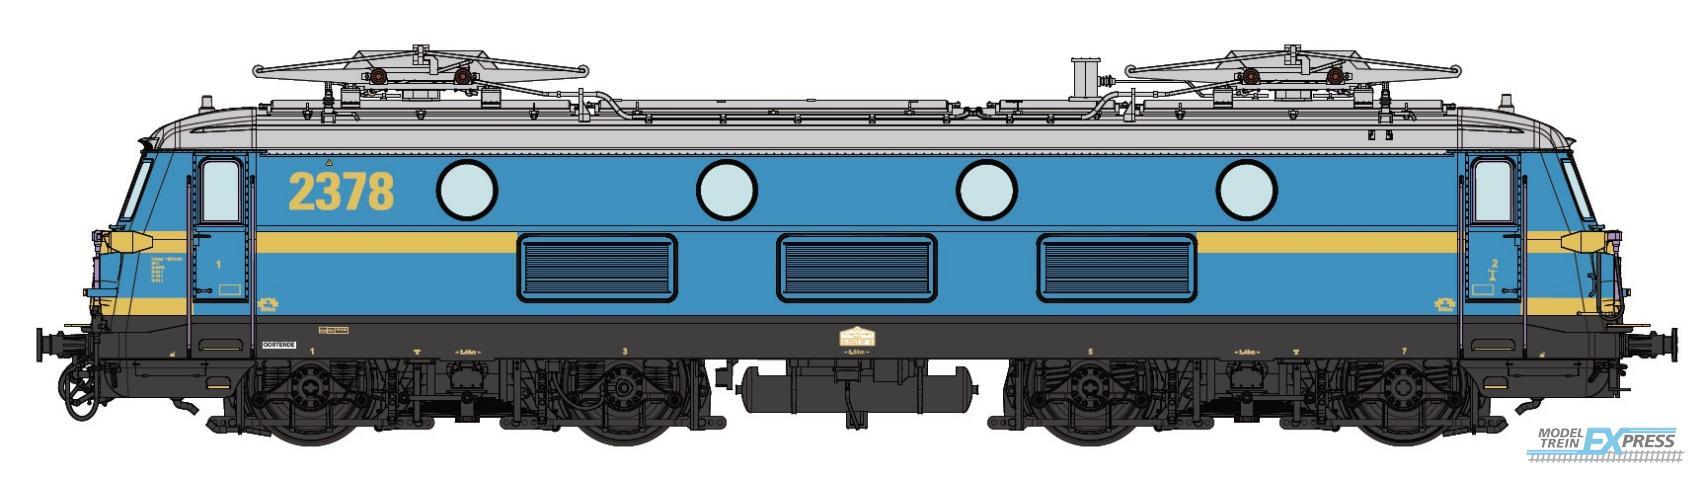 B-Models 3011.06